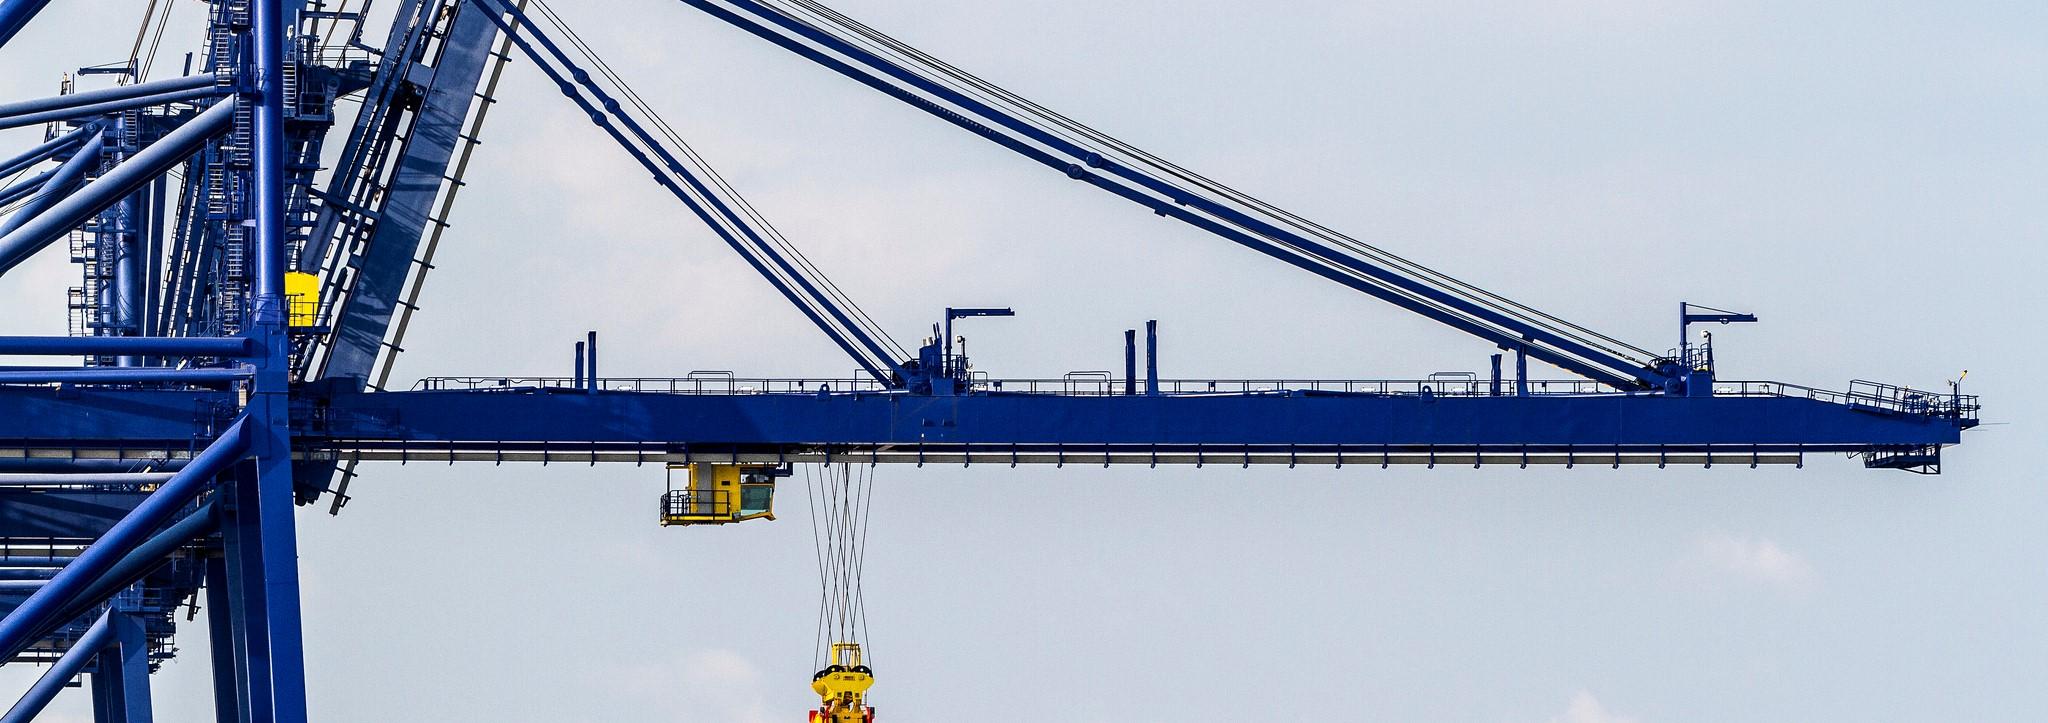 Valencia Port (Photo: Flickr/Shemsu.Hor)